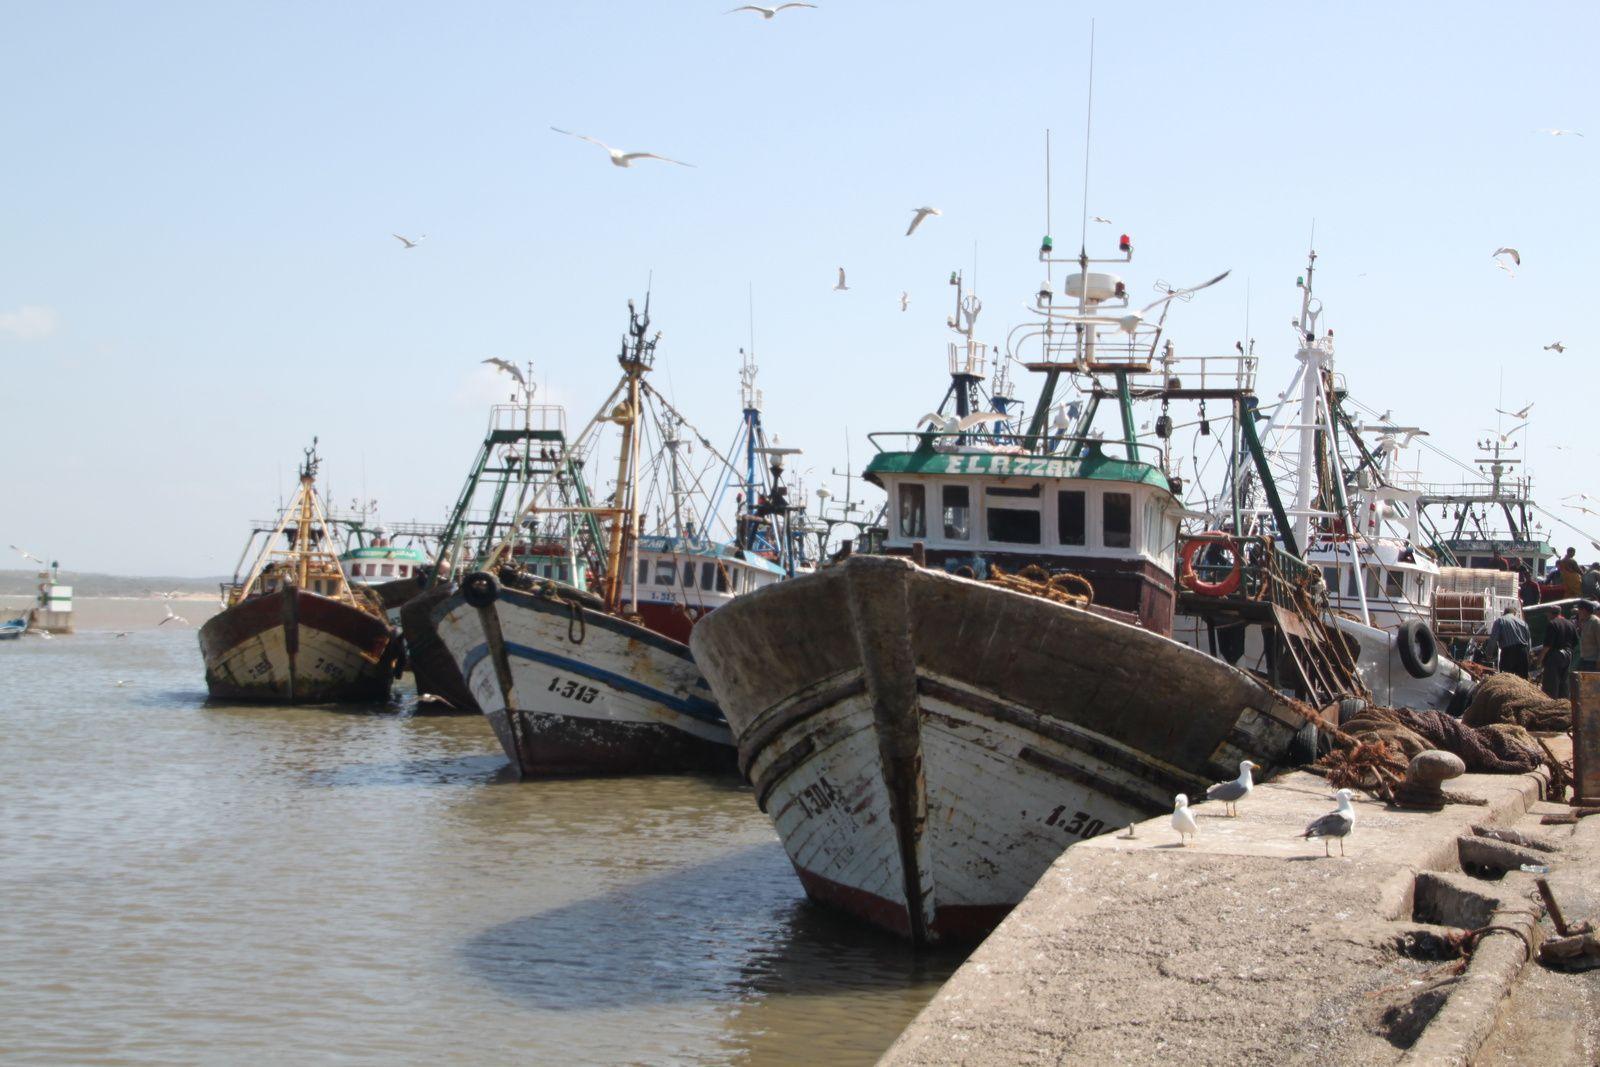 Port de pêche Essaouira, Maroc